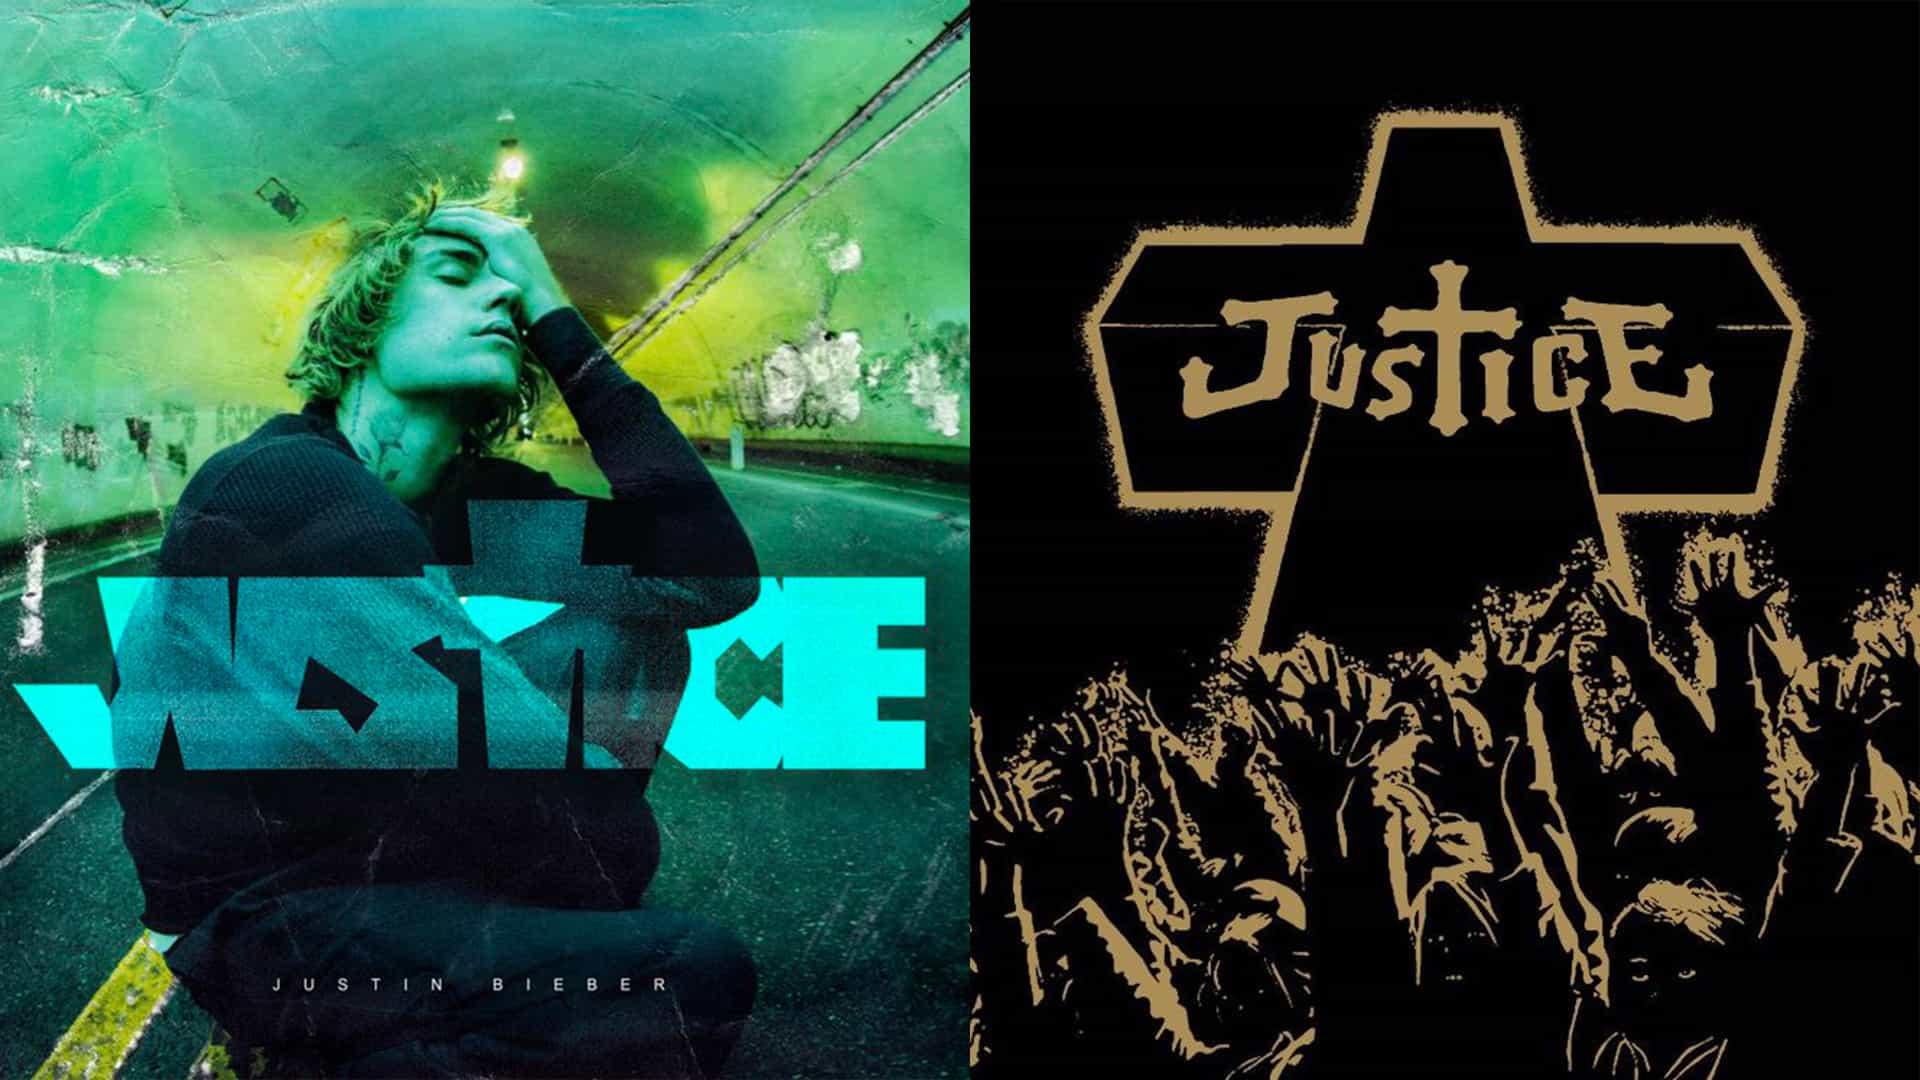 Justin Bieber acusado de copiar la carátula del álbum Justice